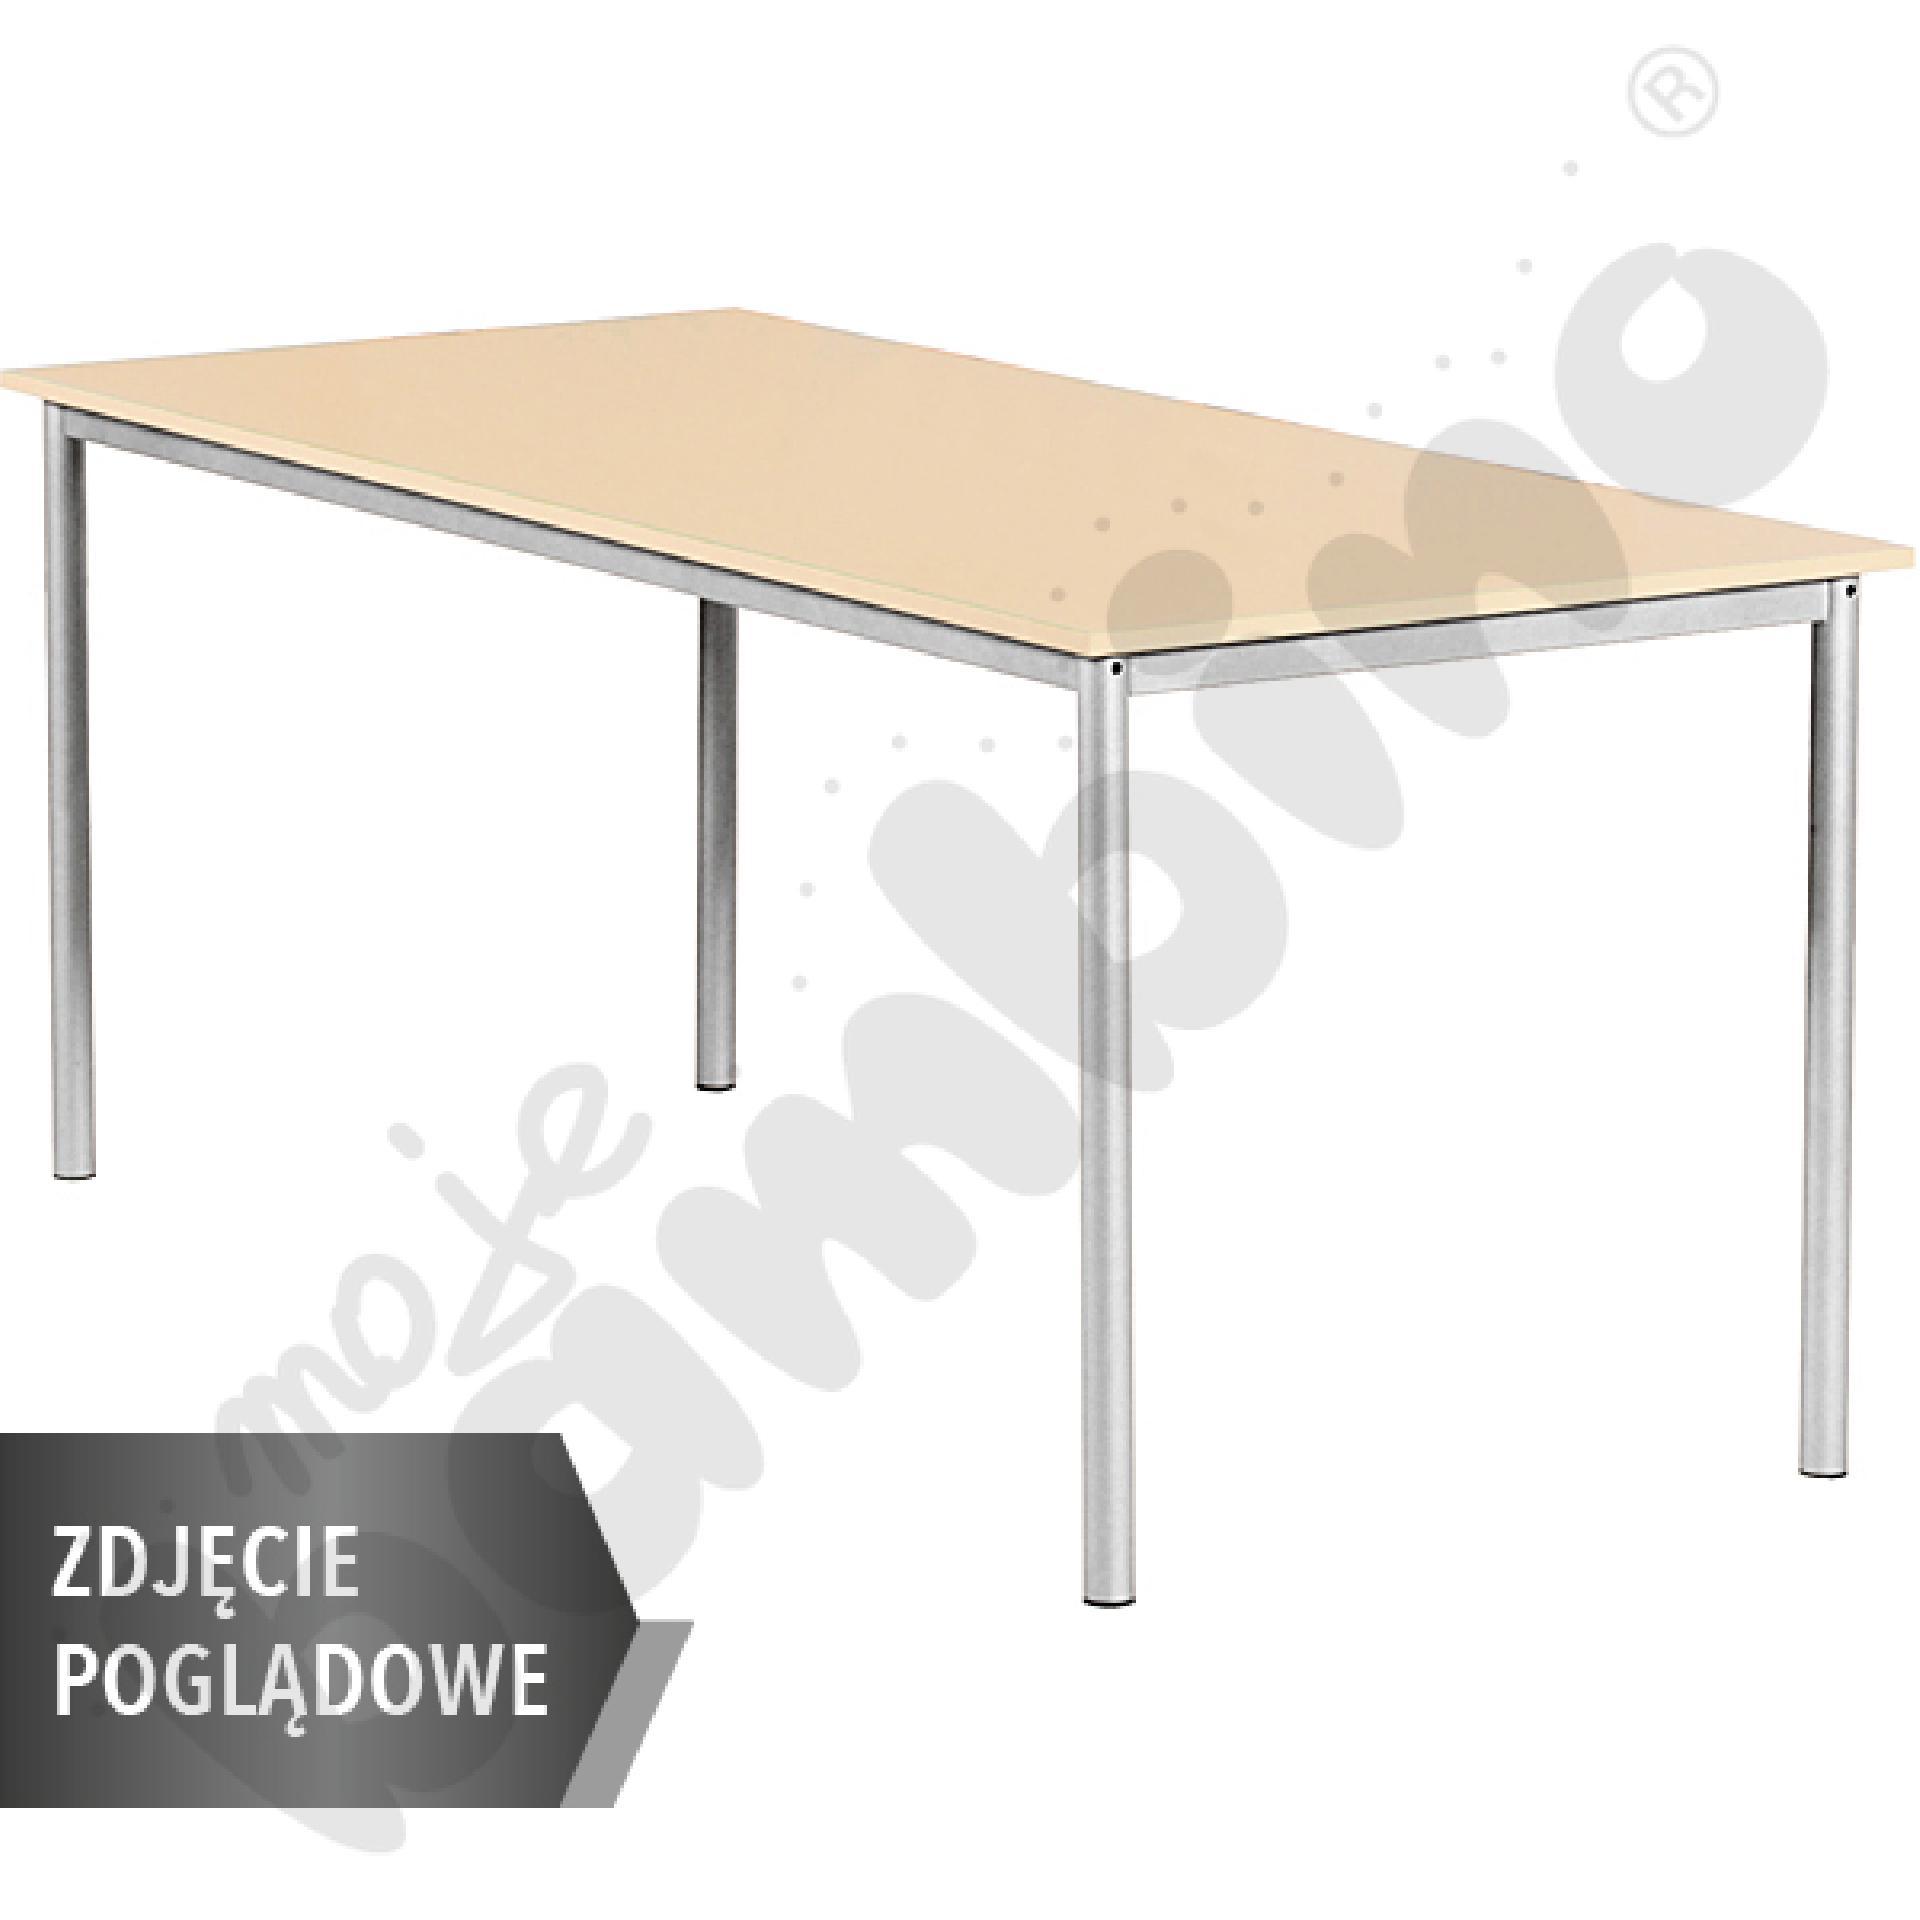 Stół Mila 160x80 rozm. 6, 8os., stelaż aluminium, blat buk, obrzeże ABS, narożniki proste